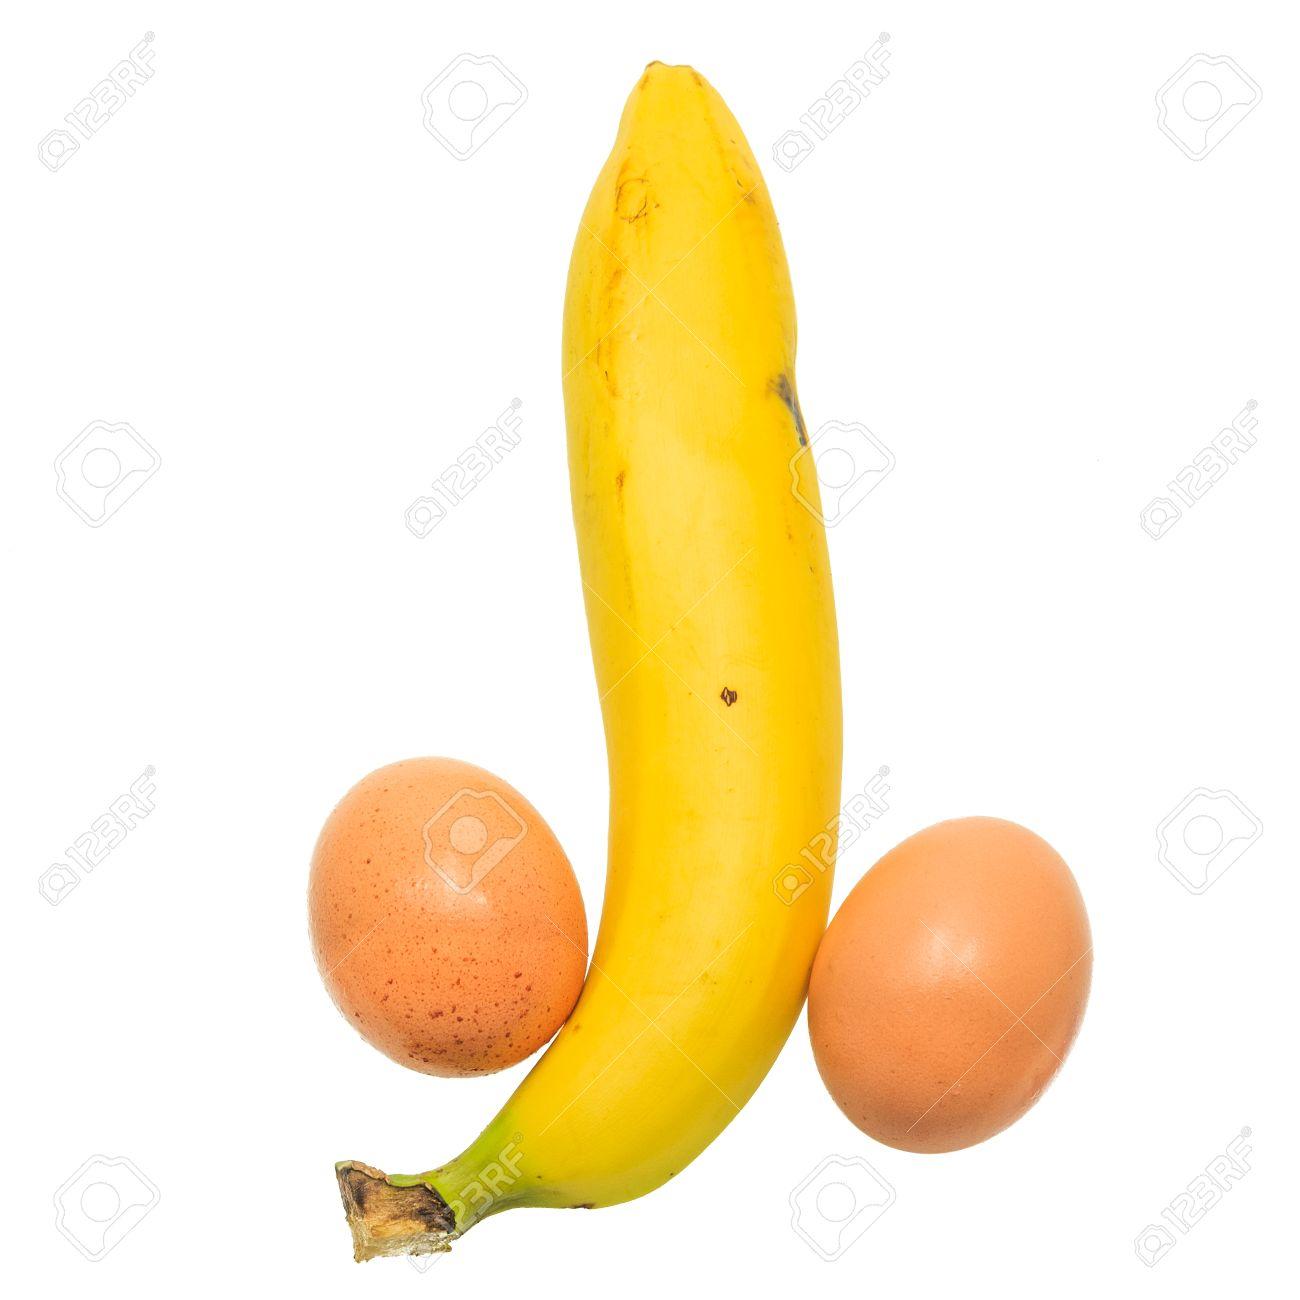 26584343-Bananen-und-Eier-sehen-aus-wie-